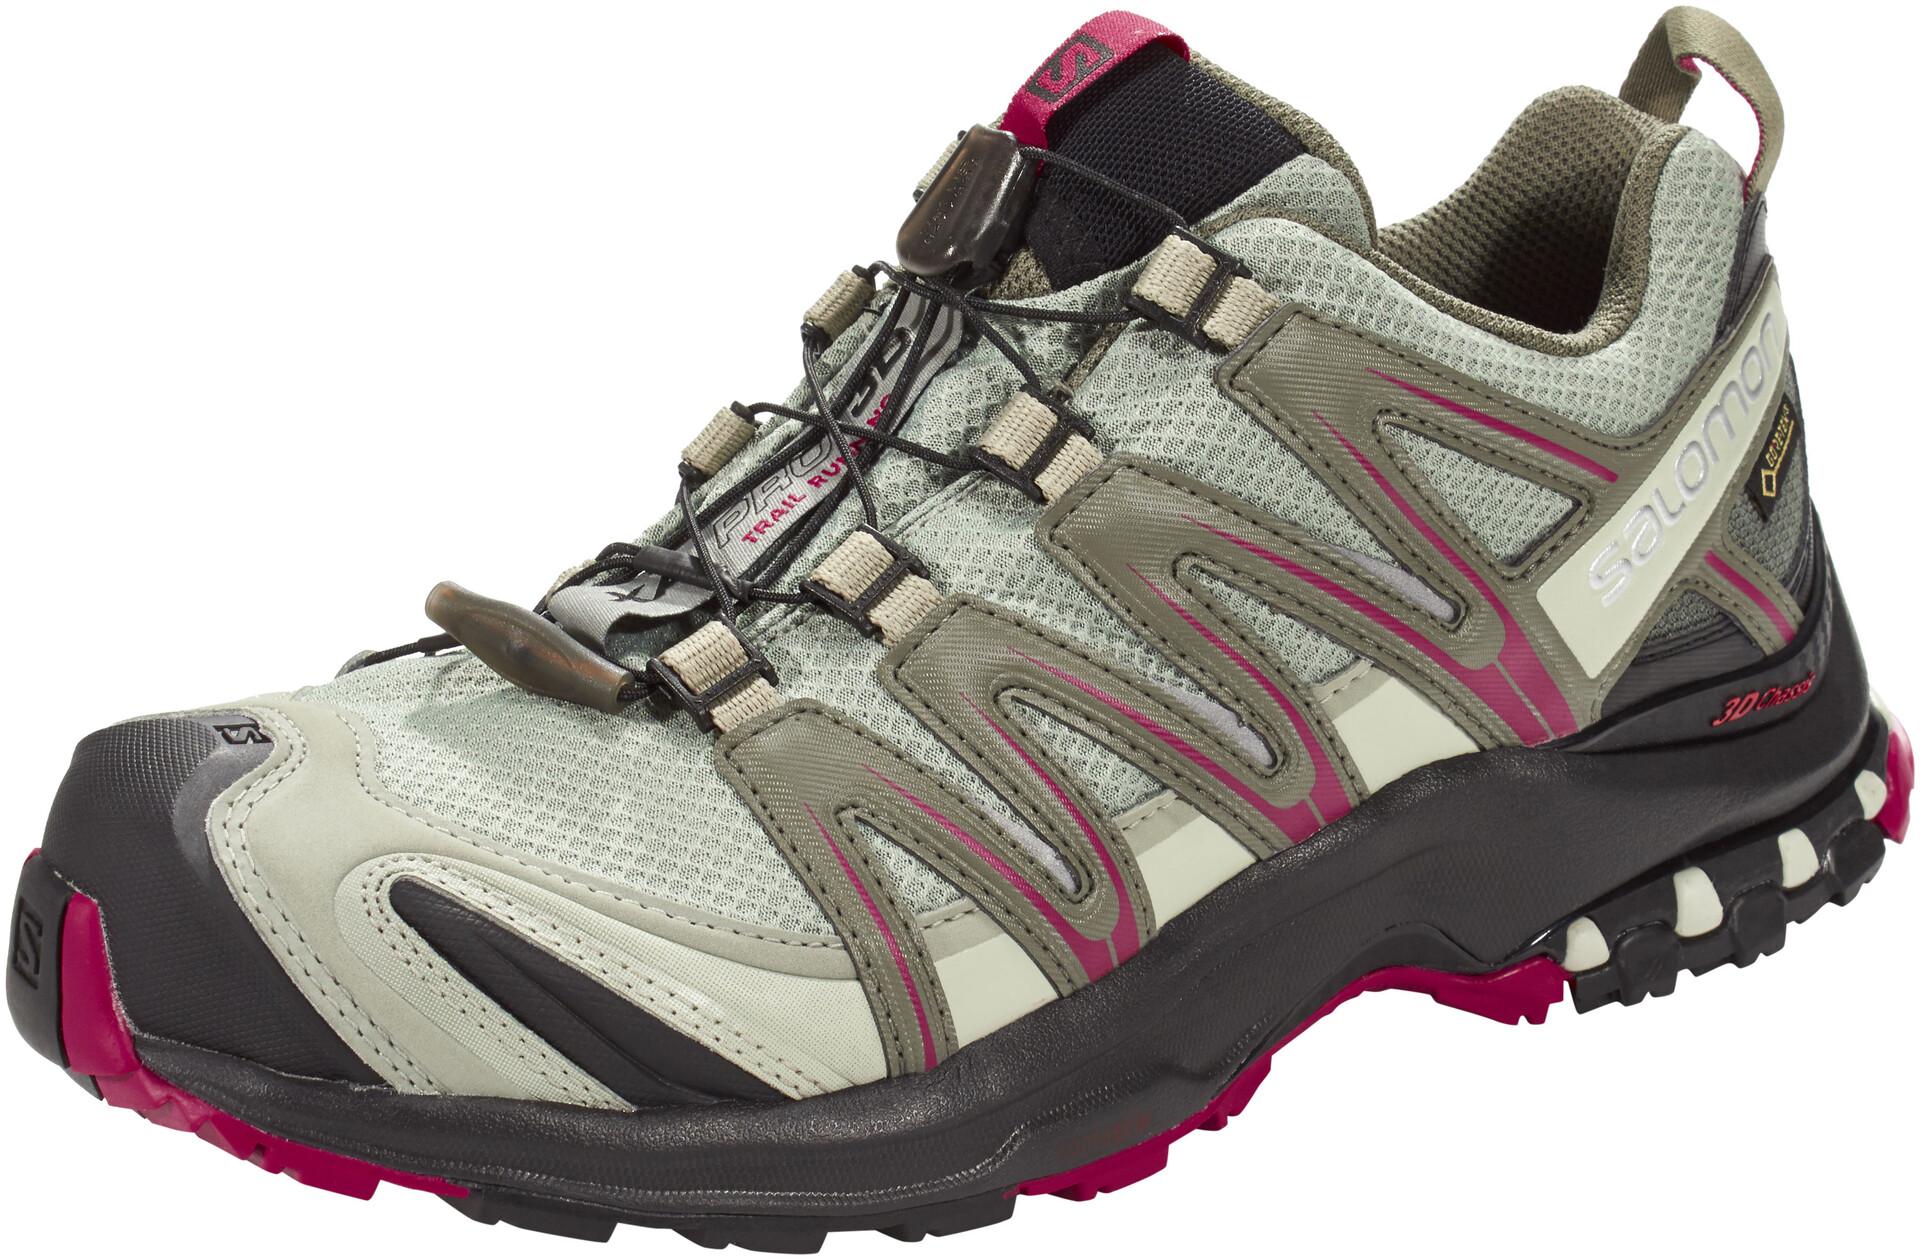 Salomon XA PRO 3D GTX® W Damen Trail Laufschuh leadstormy weathermeadow brook